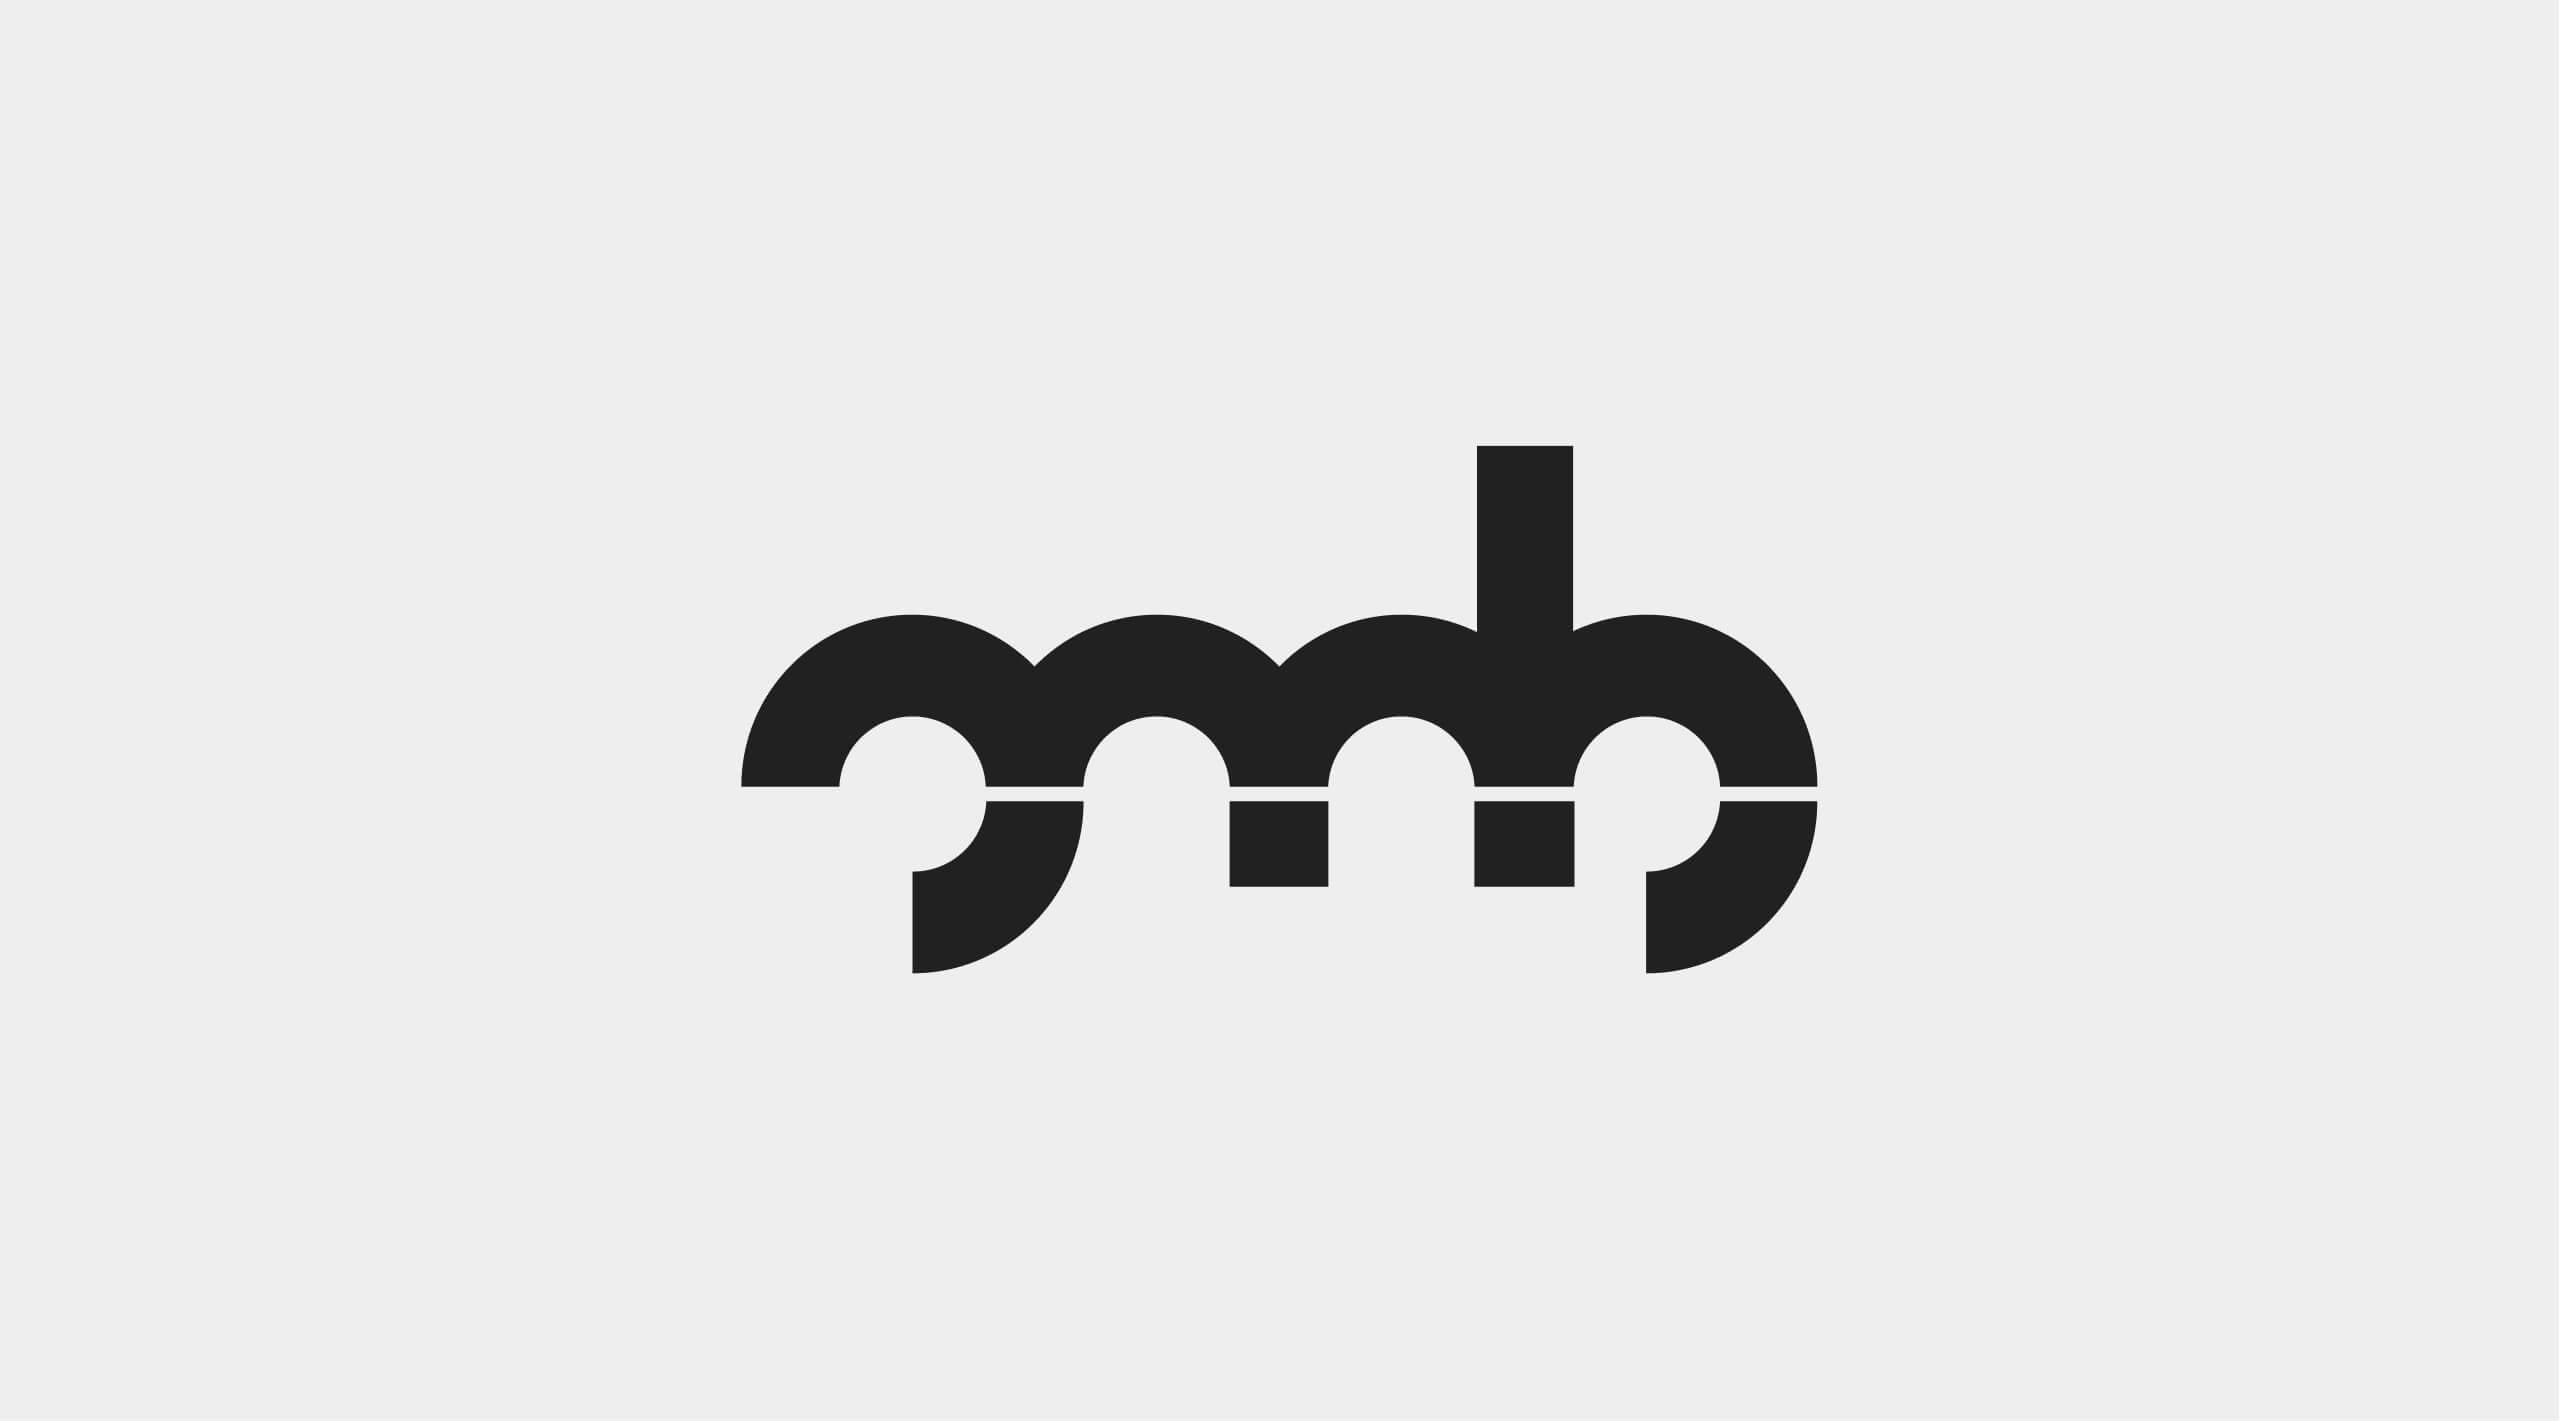 Darstellung des Logos (Bildmarke) von OMB Oh, my Brand!